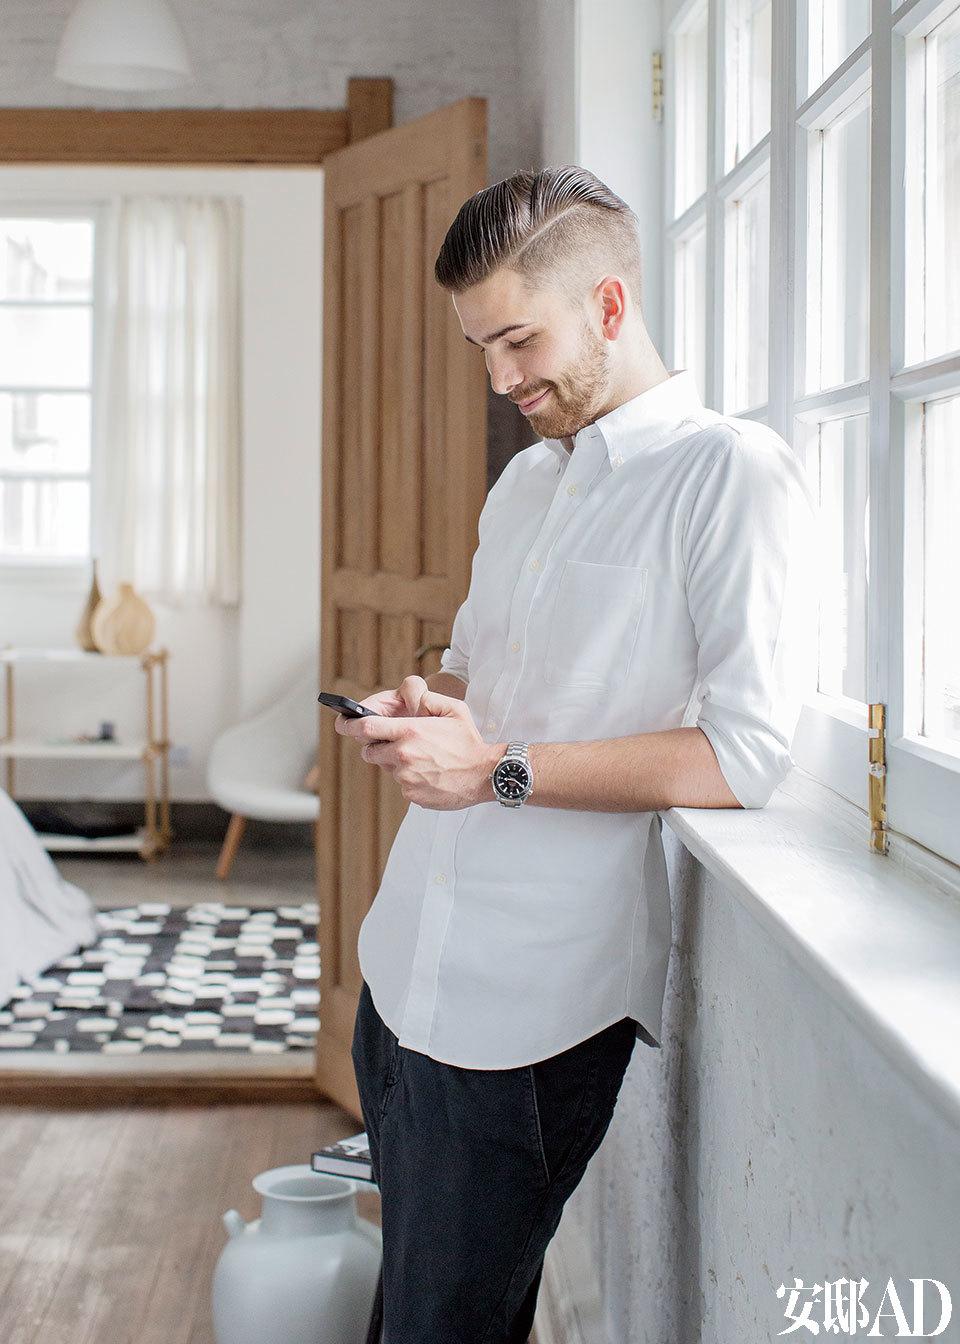 主人: Kristian Haaning,来自丹麦,在丹麦的一家国际时尚集团工作,负责时装零售行业的整体解决方案与采购。从玄关处望向客厅和卧室,客厅朝南的大窗户改造成双层玻璃,既保暖又隔音,卧室的黑白格纹马毛地毯巧妙的柔和过渡了对立的颜色。